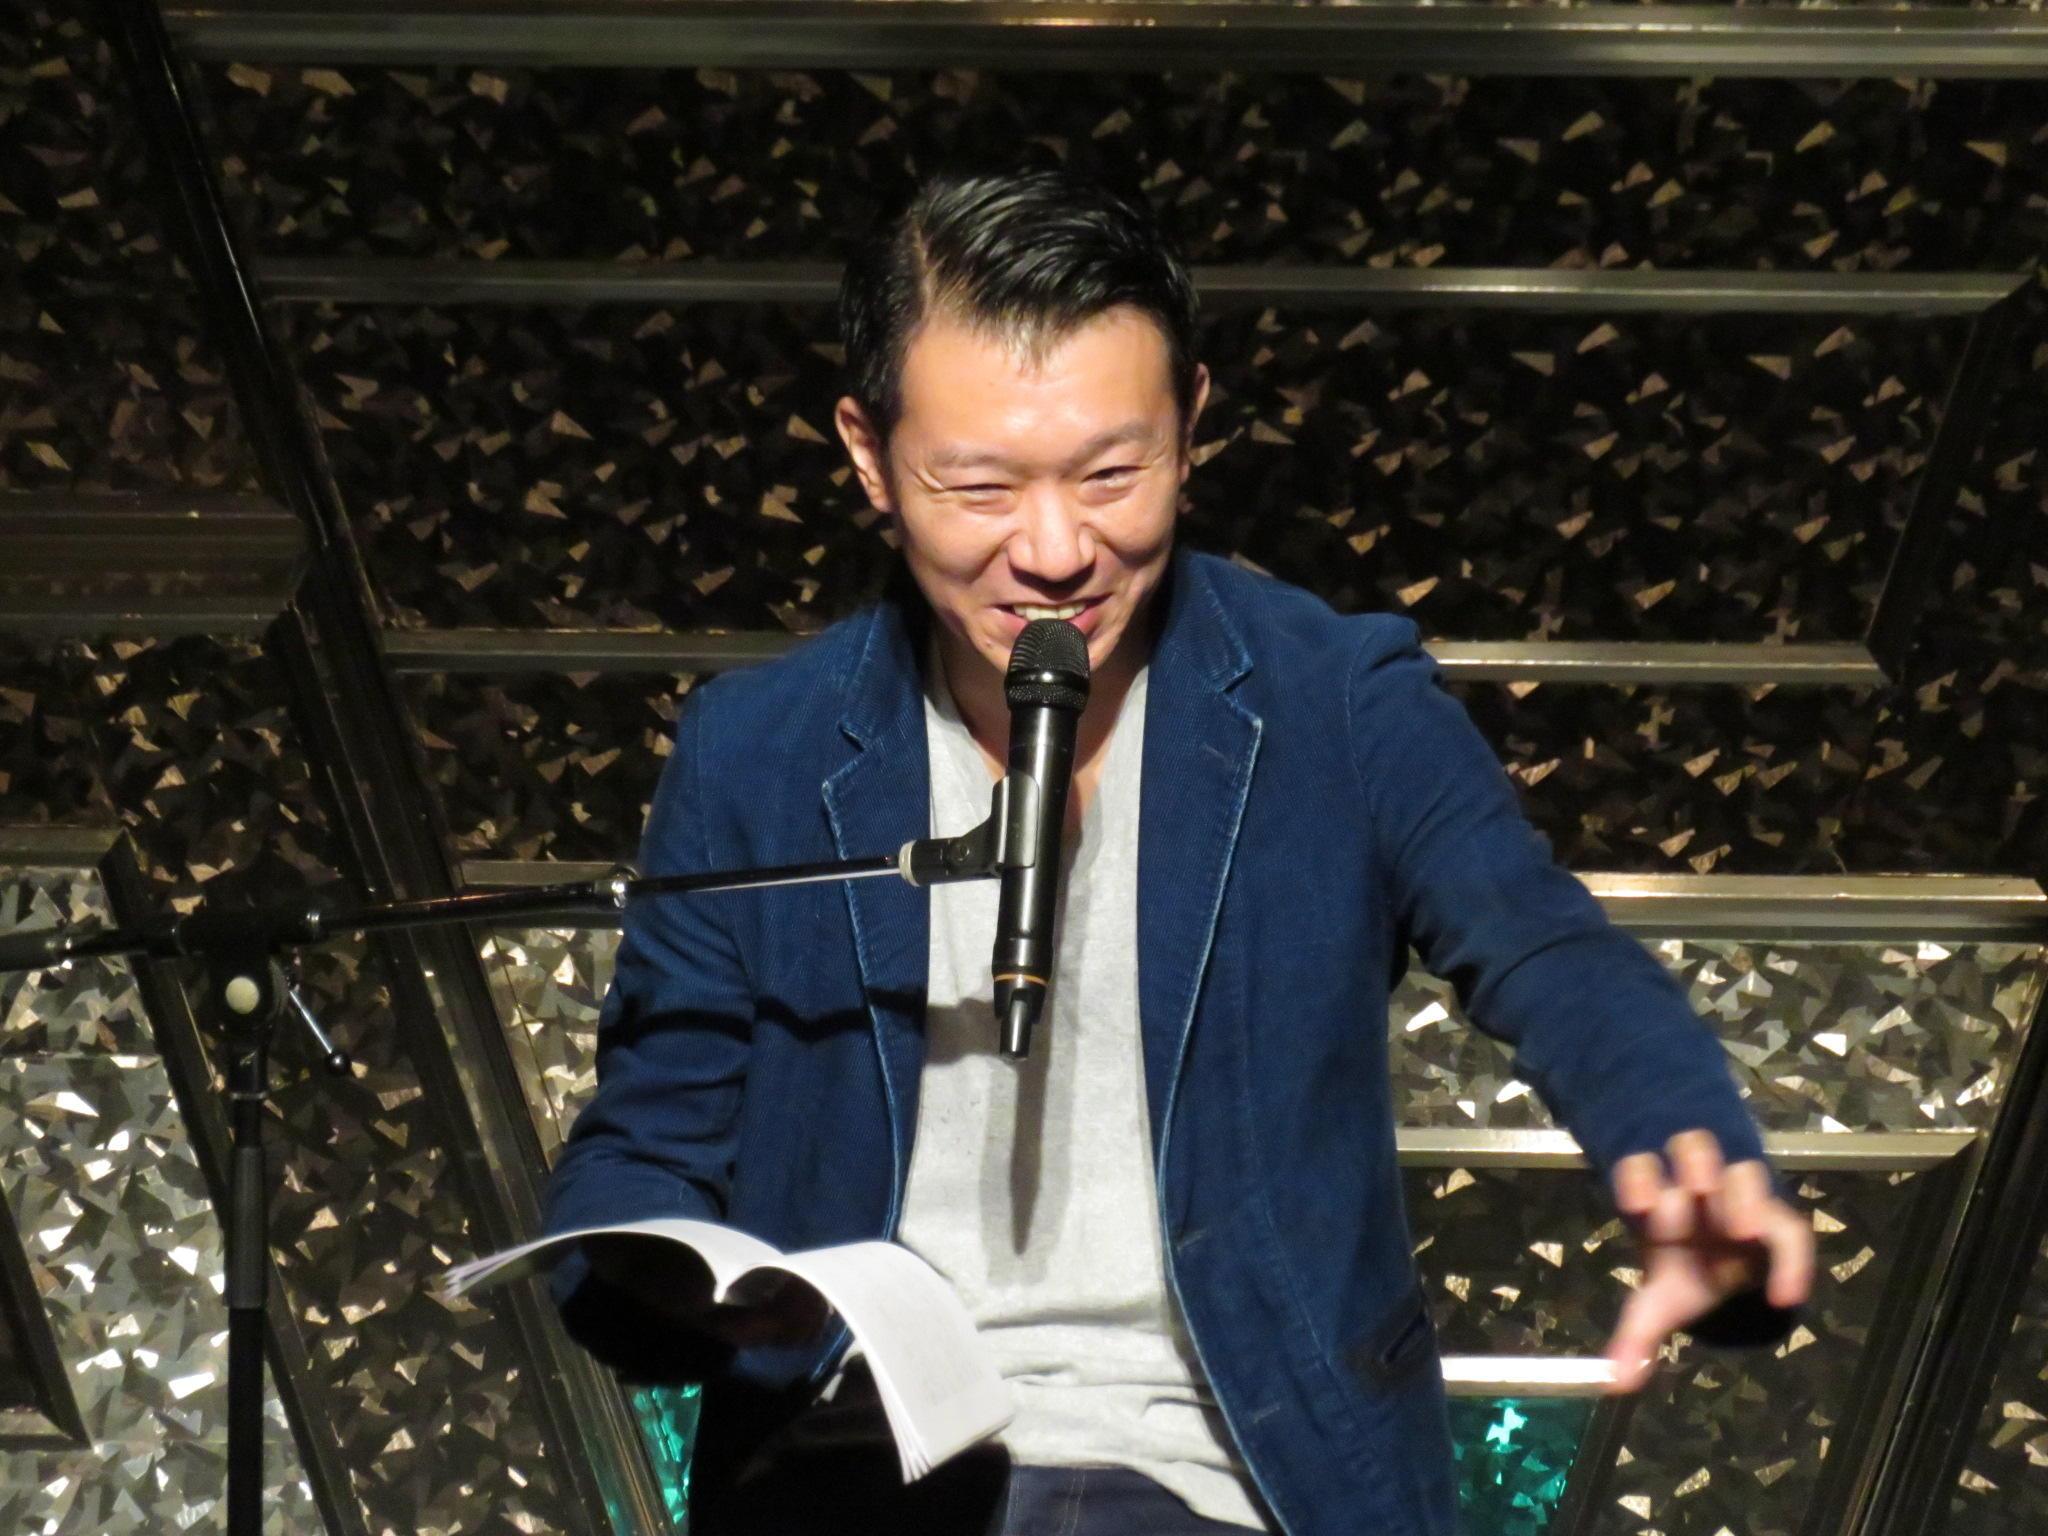 http://news.yoshimoto.co.jp/20181004123408-d893e7d0ef18d111179243d17d0c6d768d4065a4.jpg